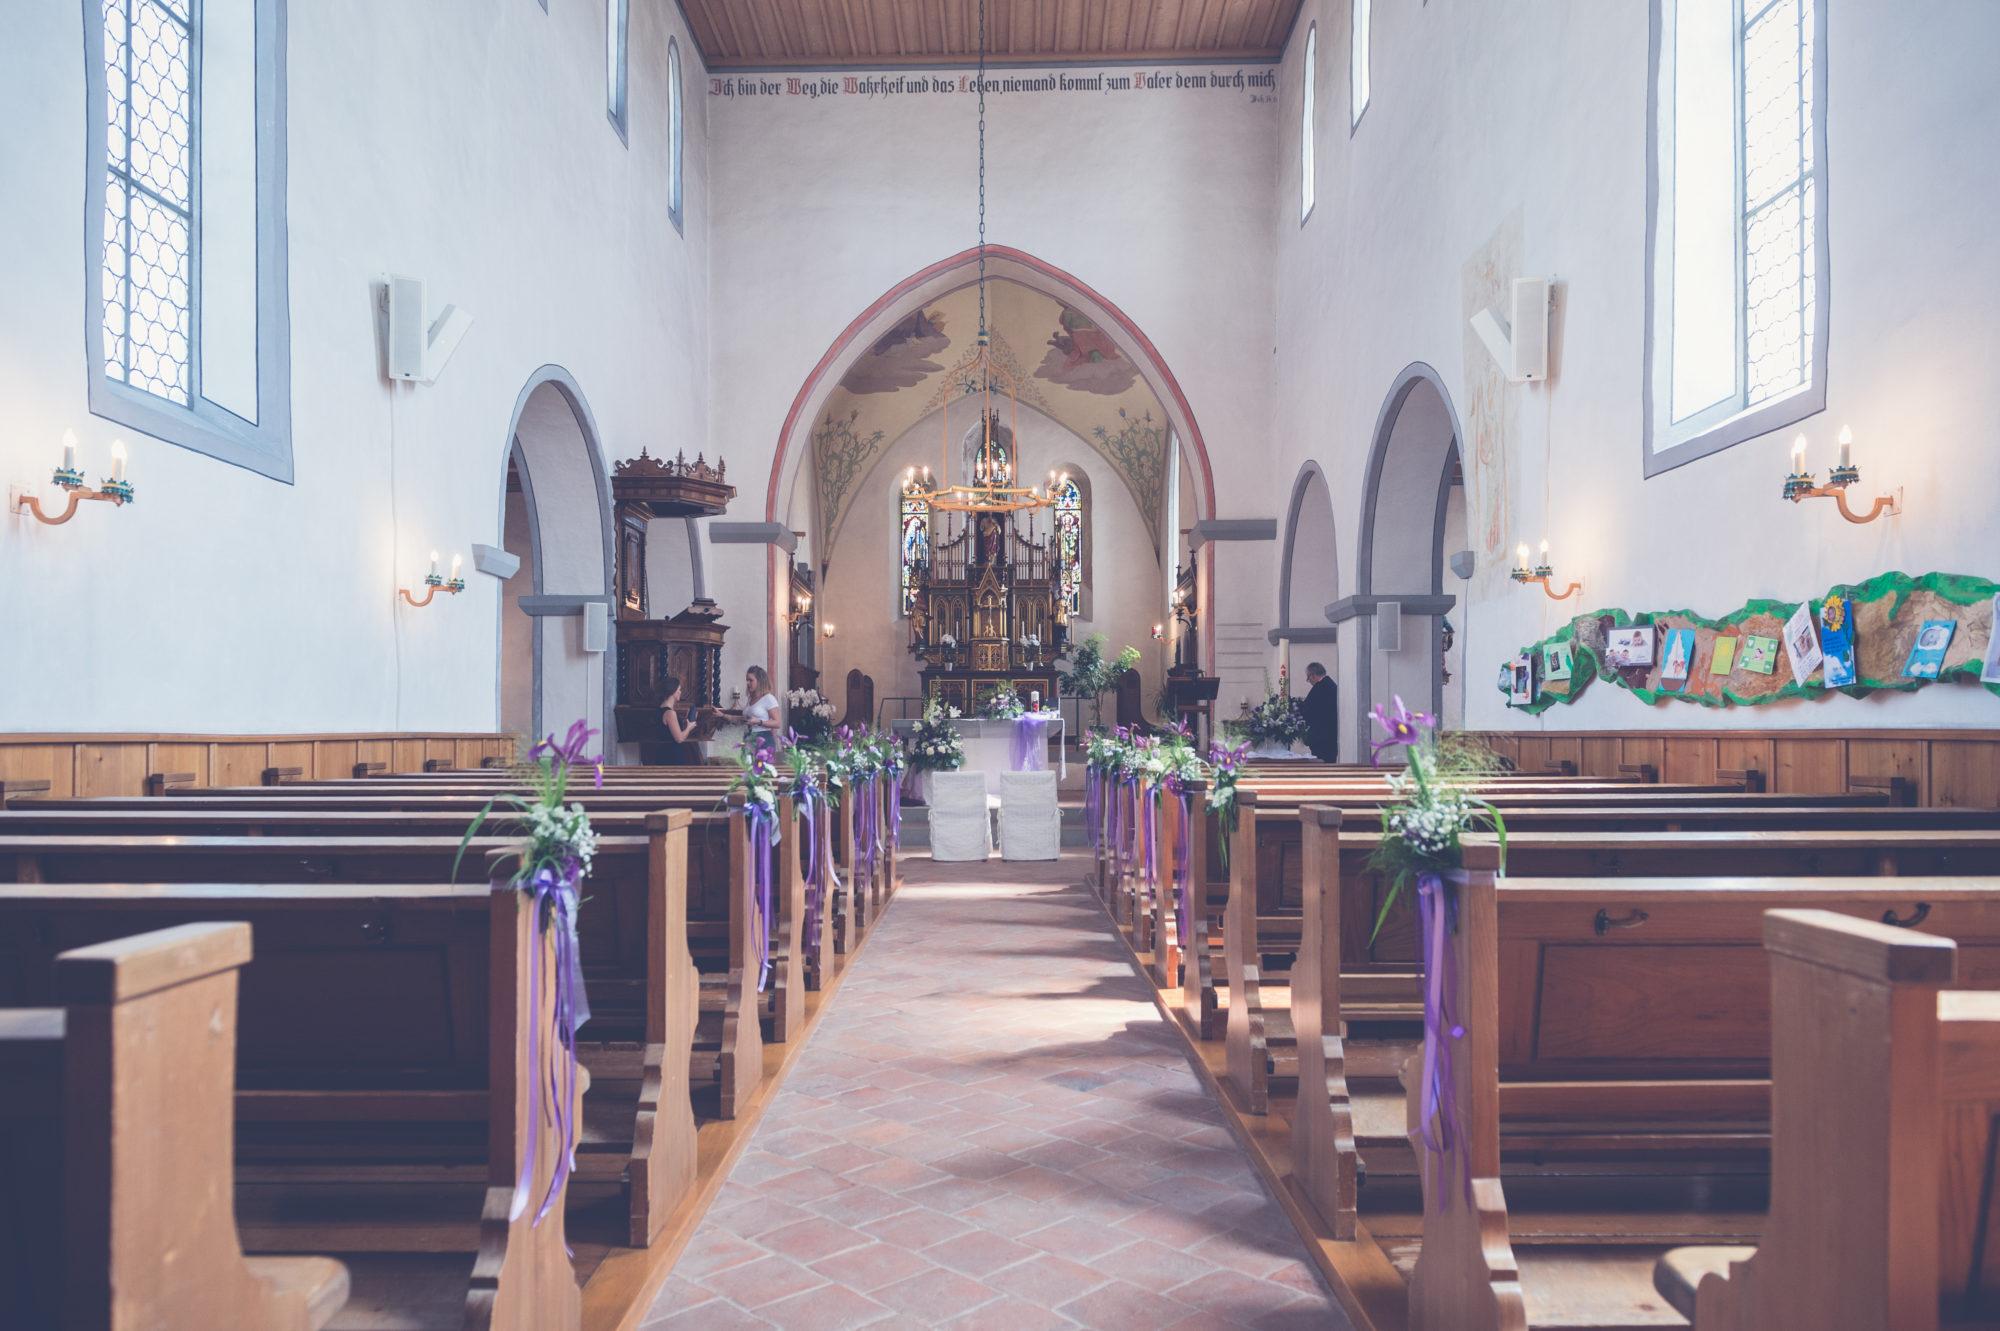 hochzeitsreportage basel Kirche